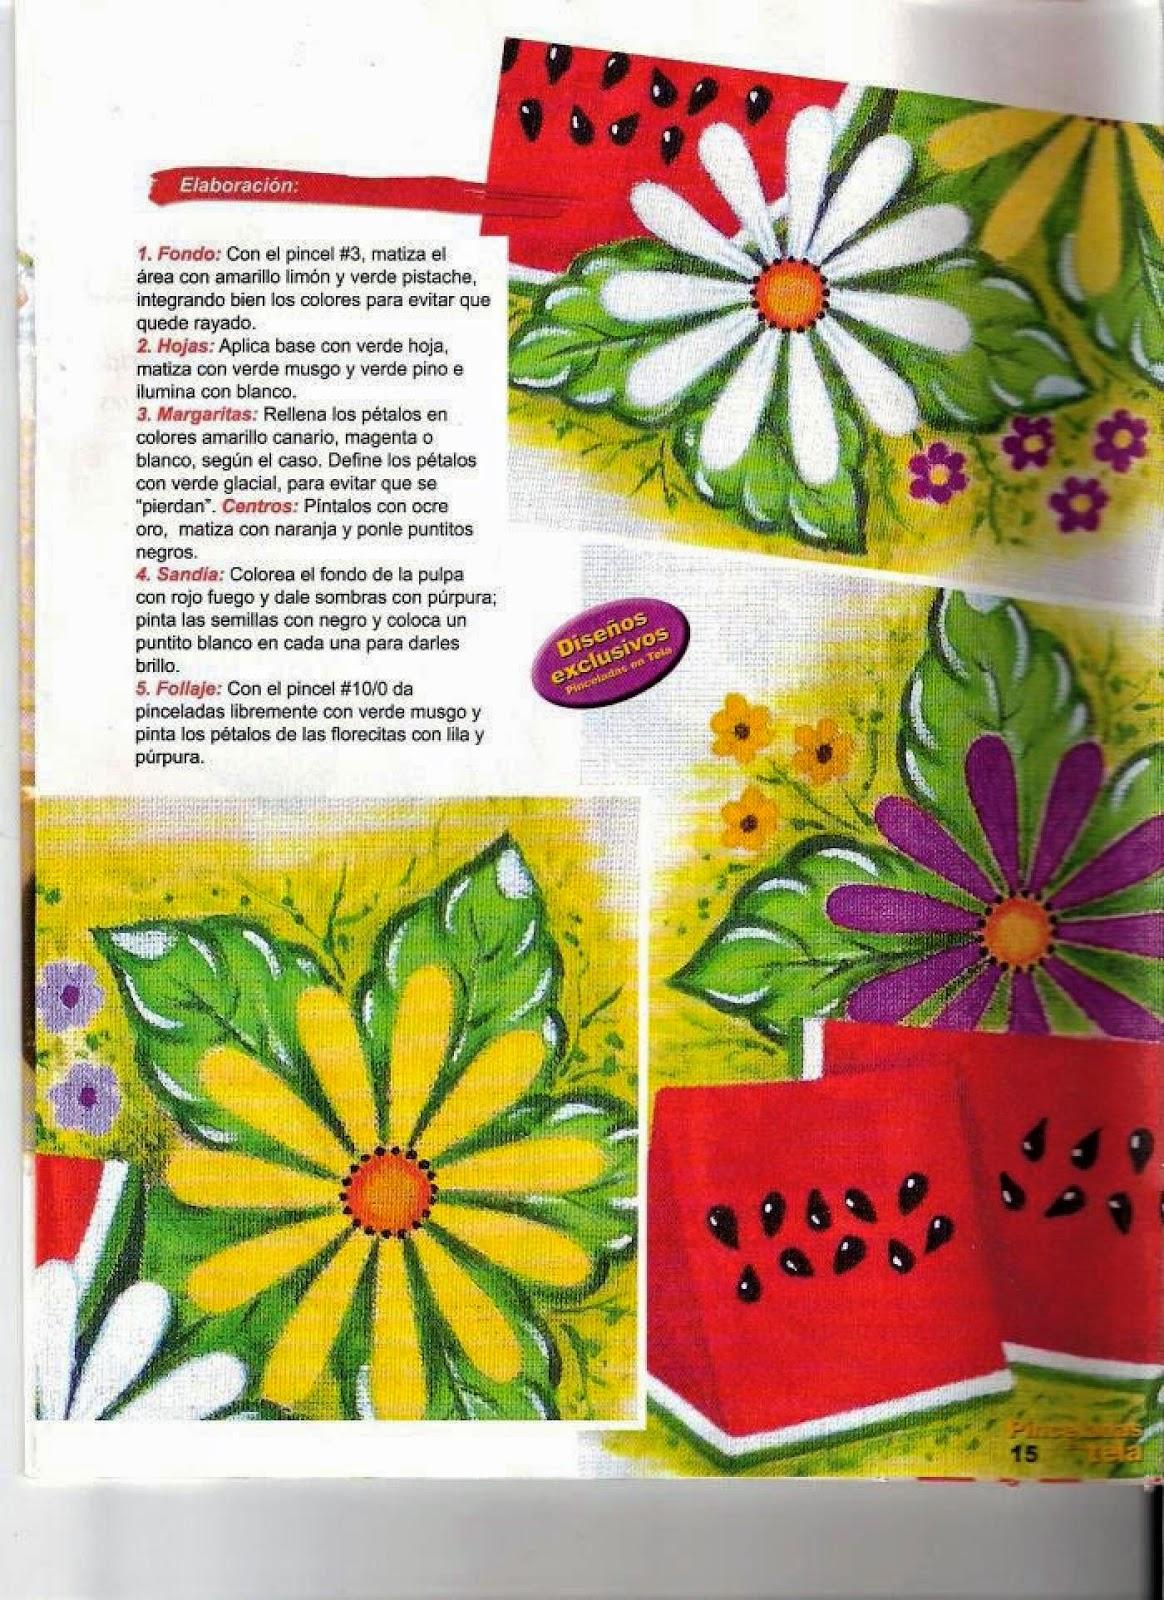 Como pintar sobre tela revista gratis revistas de manualidades gratis - Como pintar sobre tela ...